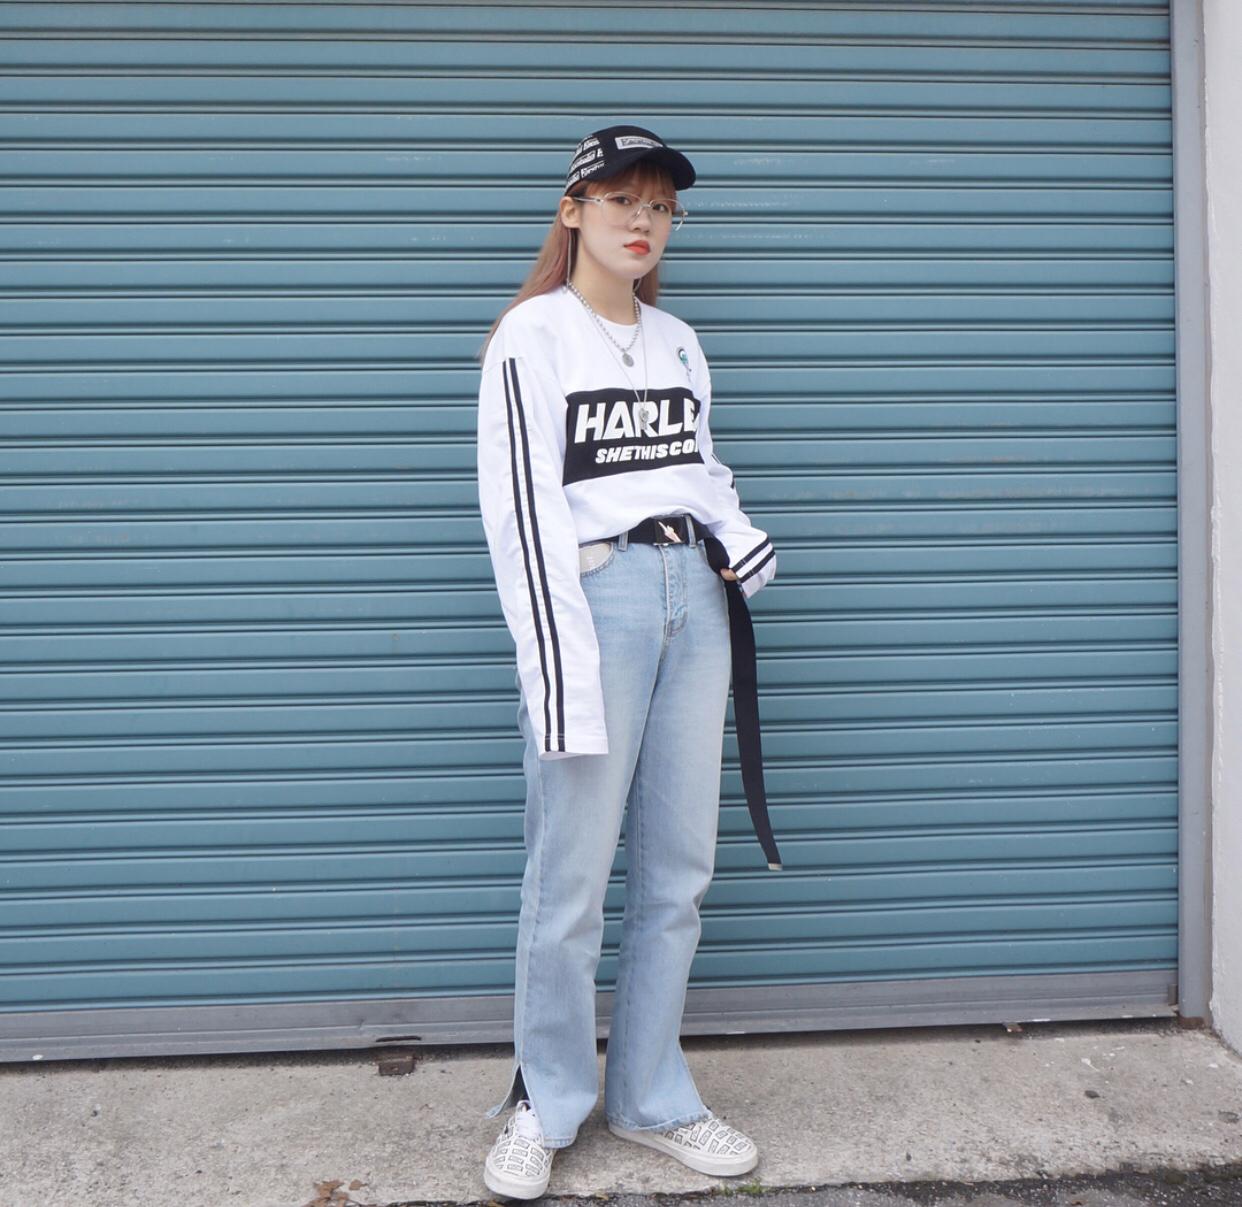 来源:sejinn000 #日韩潮流品牌盘点12.31上新#